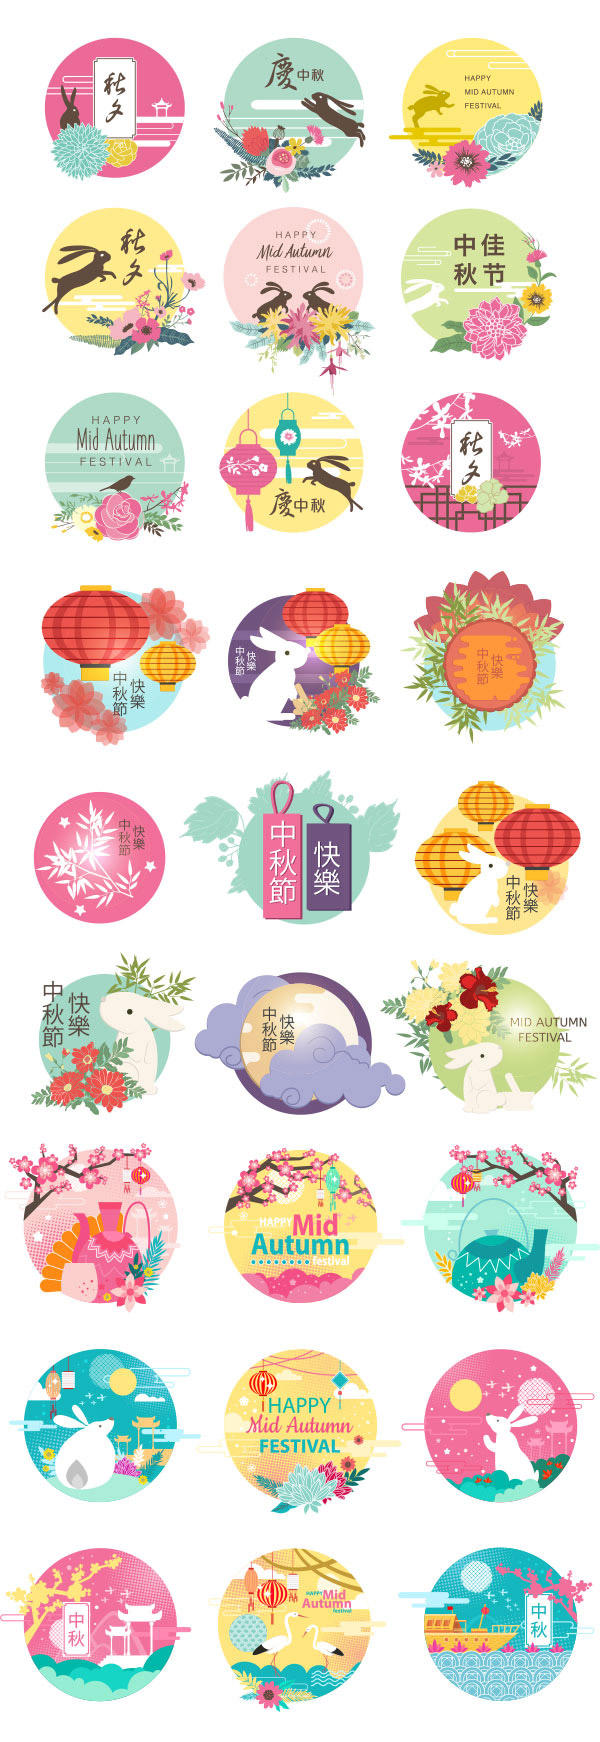 中秋节古典素材